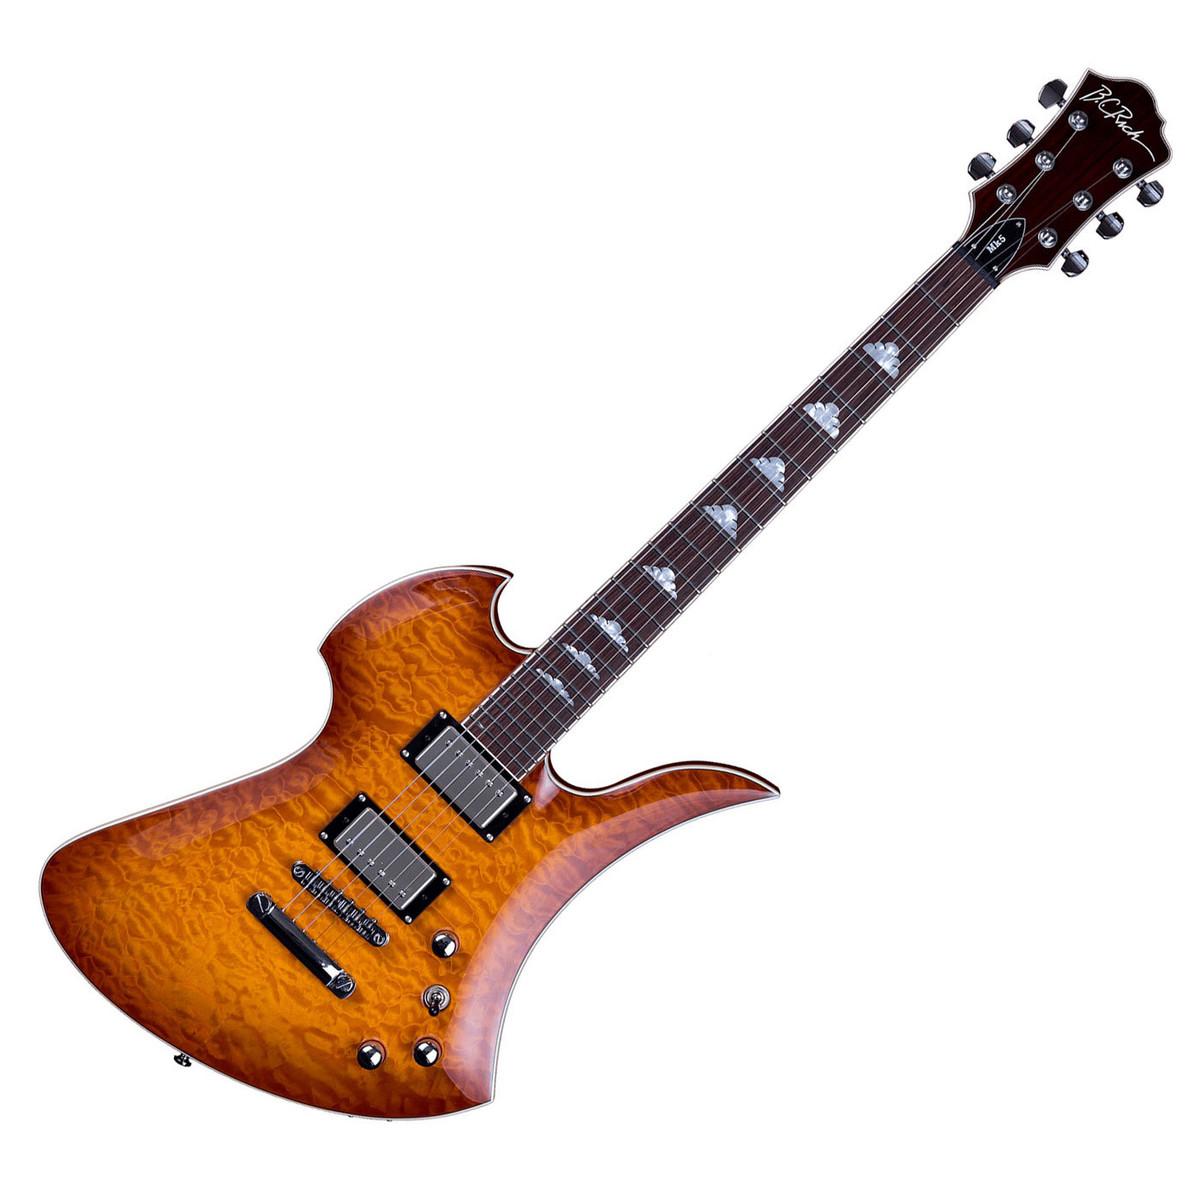 bc rich mockingbird mk5 electric guitar with trem amber burst at. Black Bedroom Furniture Sets. Home Design Ideas